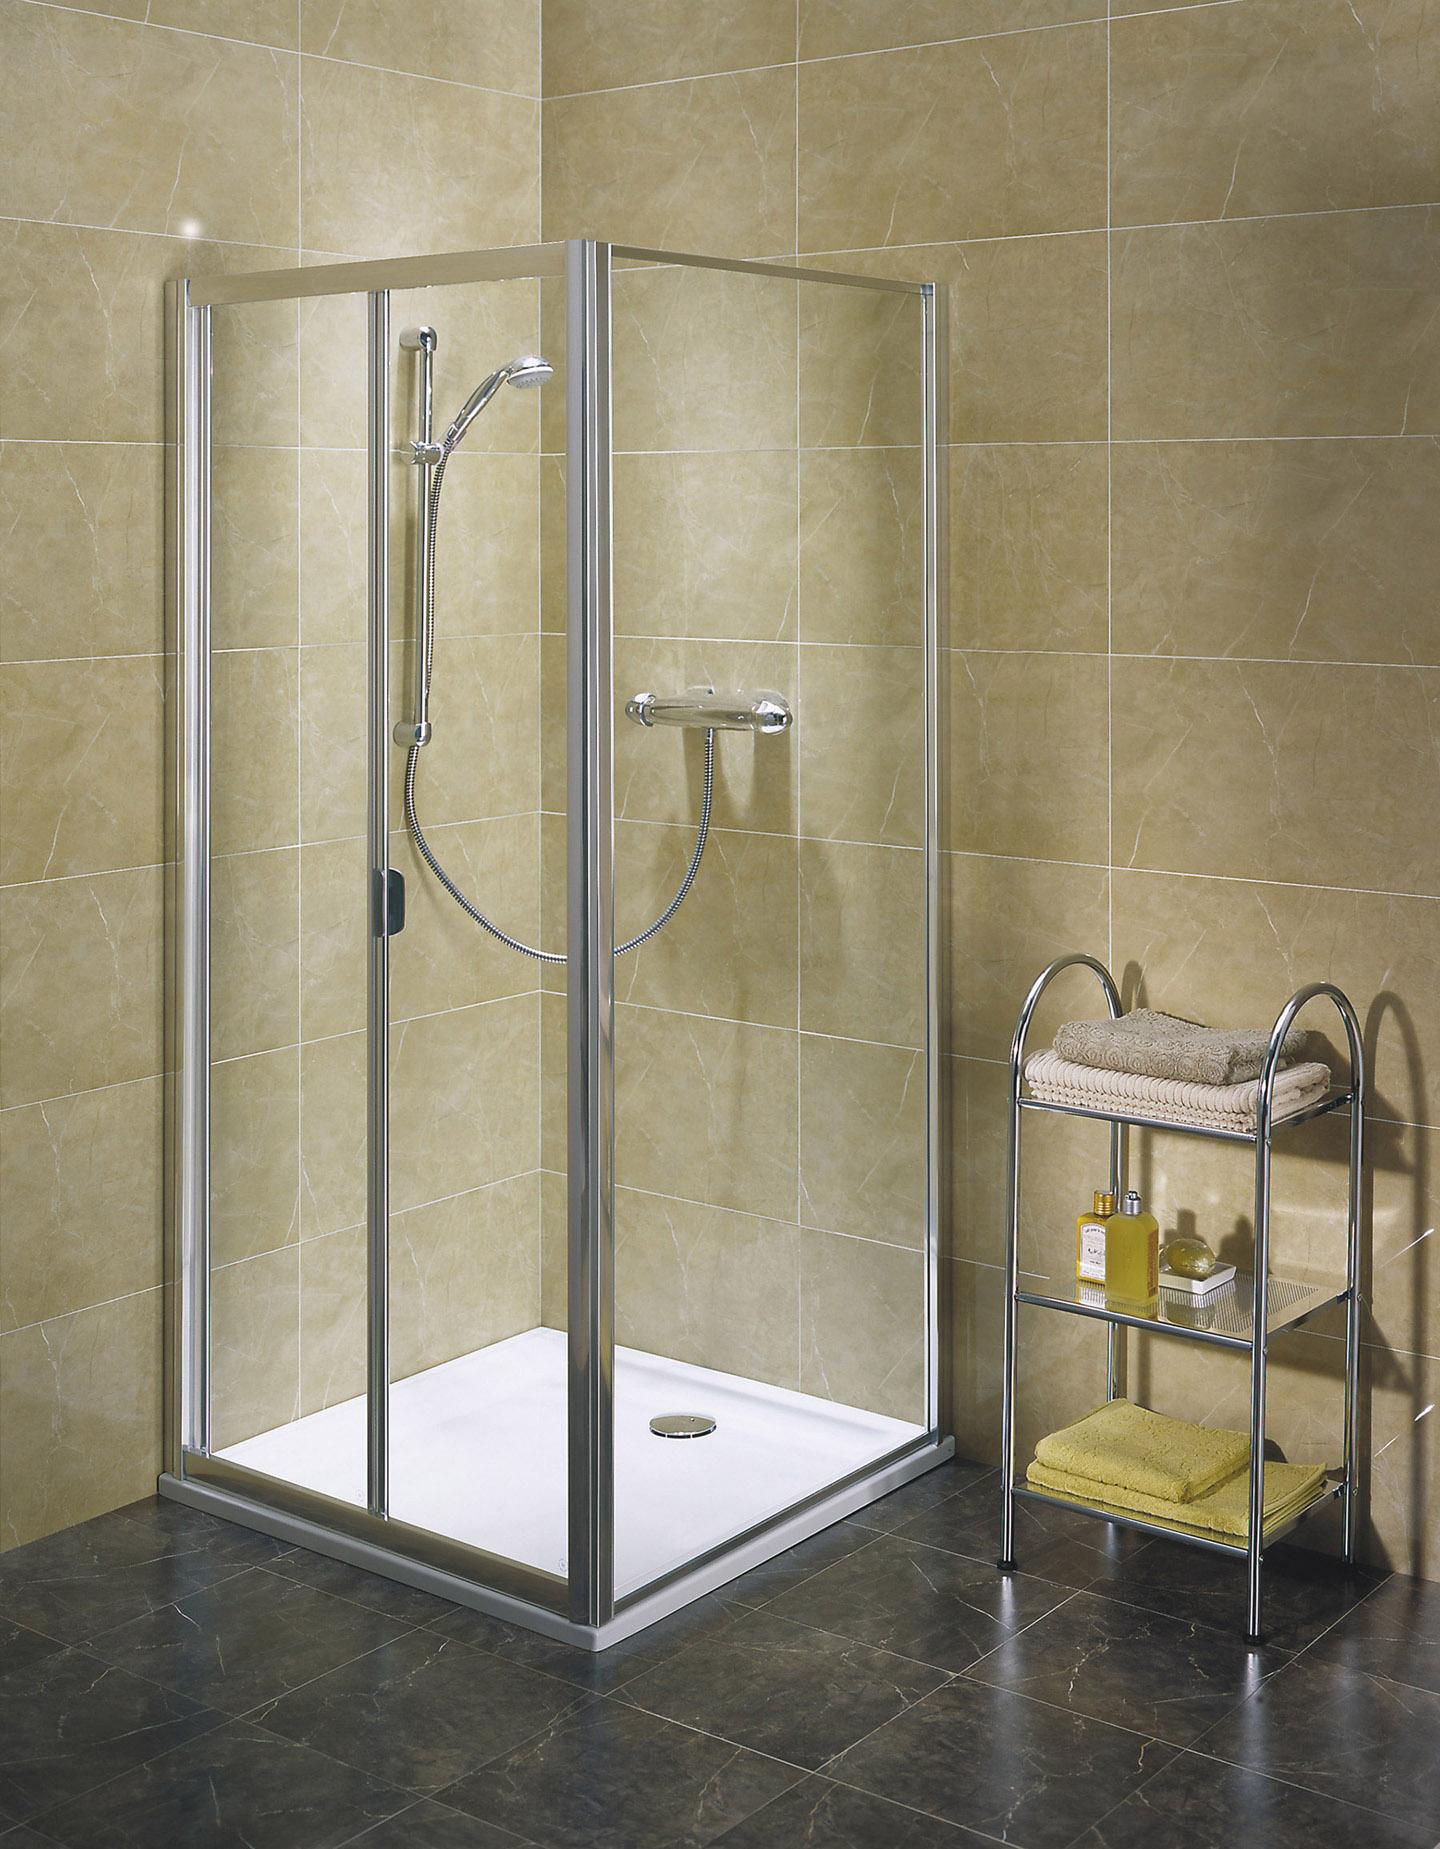 sprchové kouty KOLO AKORD 90 RDRB90222005 skládací dveře